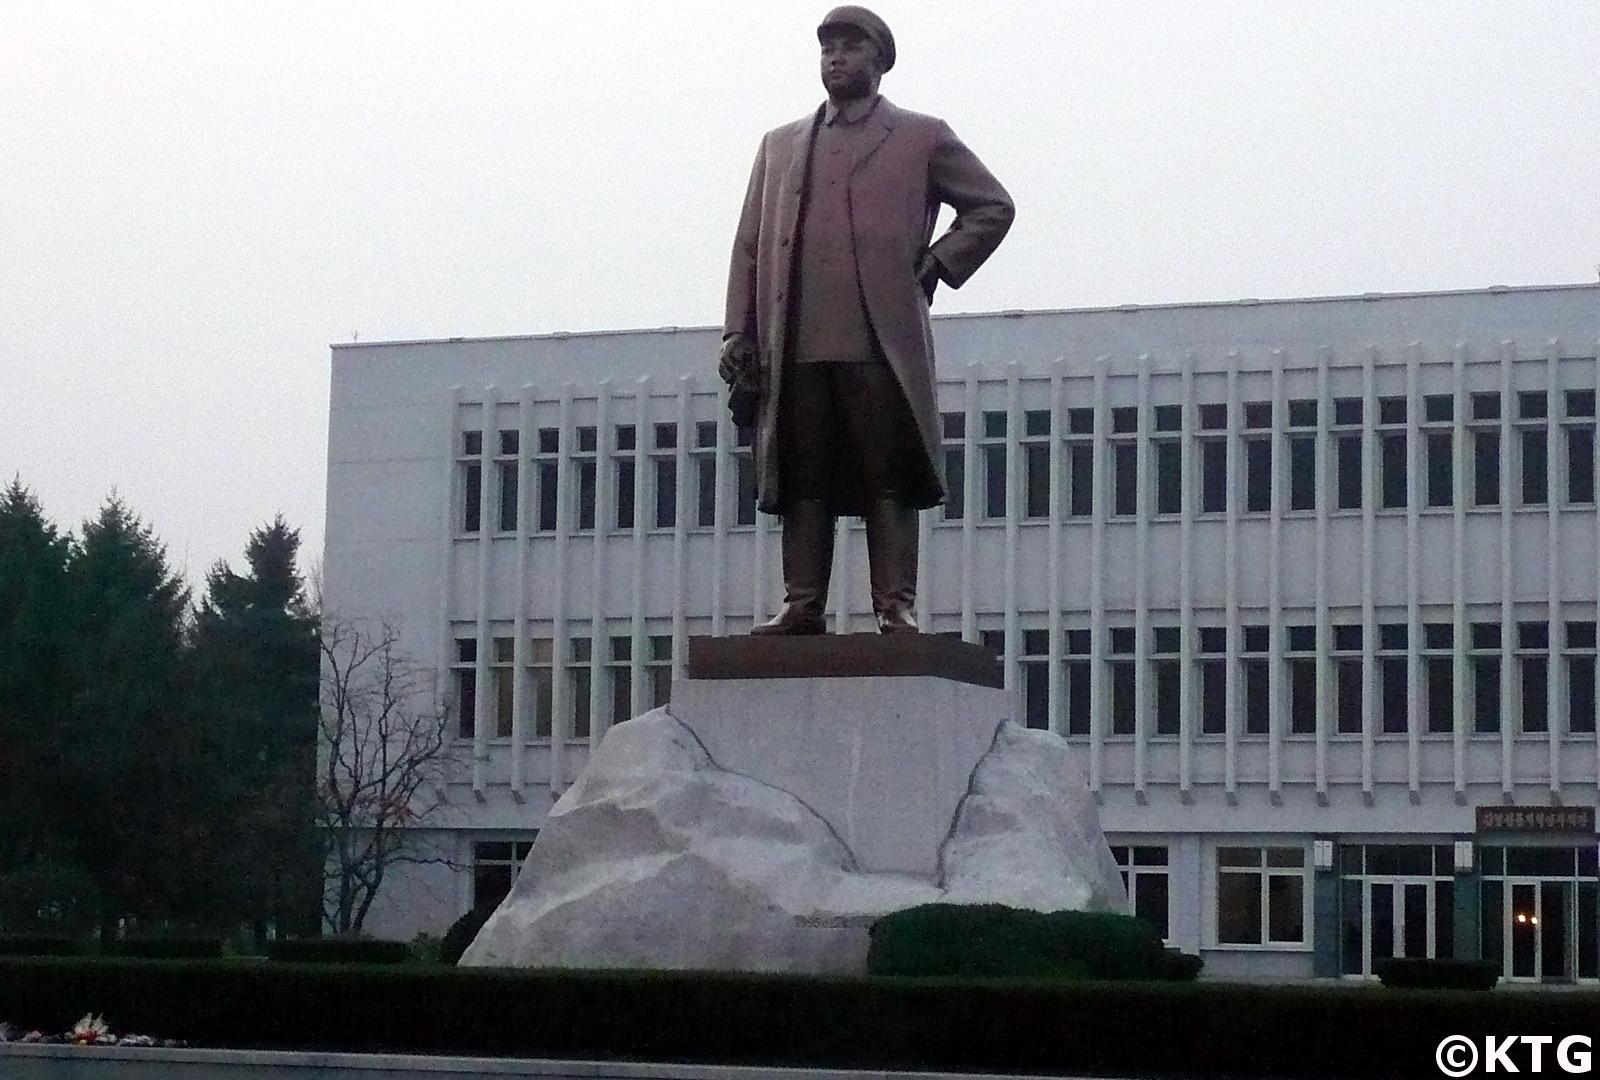 Estatua del Líder de Corea del Norte, el Presidente Kim Il Sung, en Wonsan